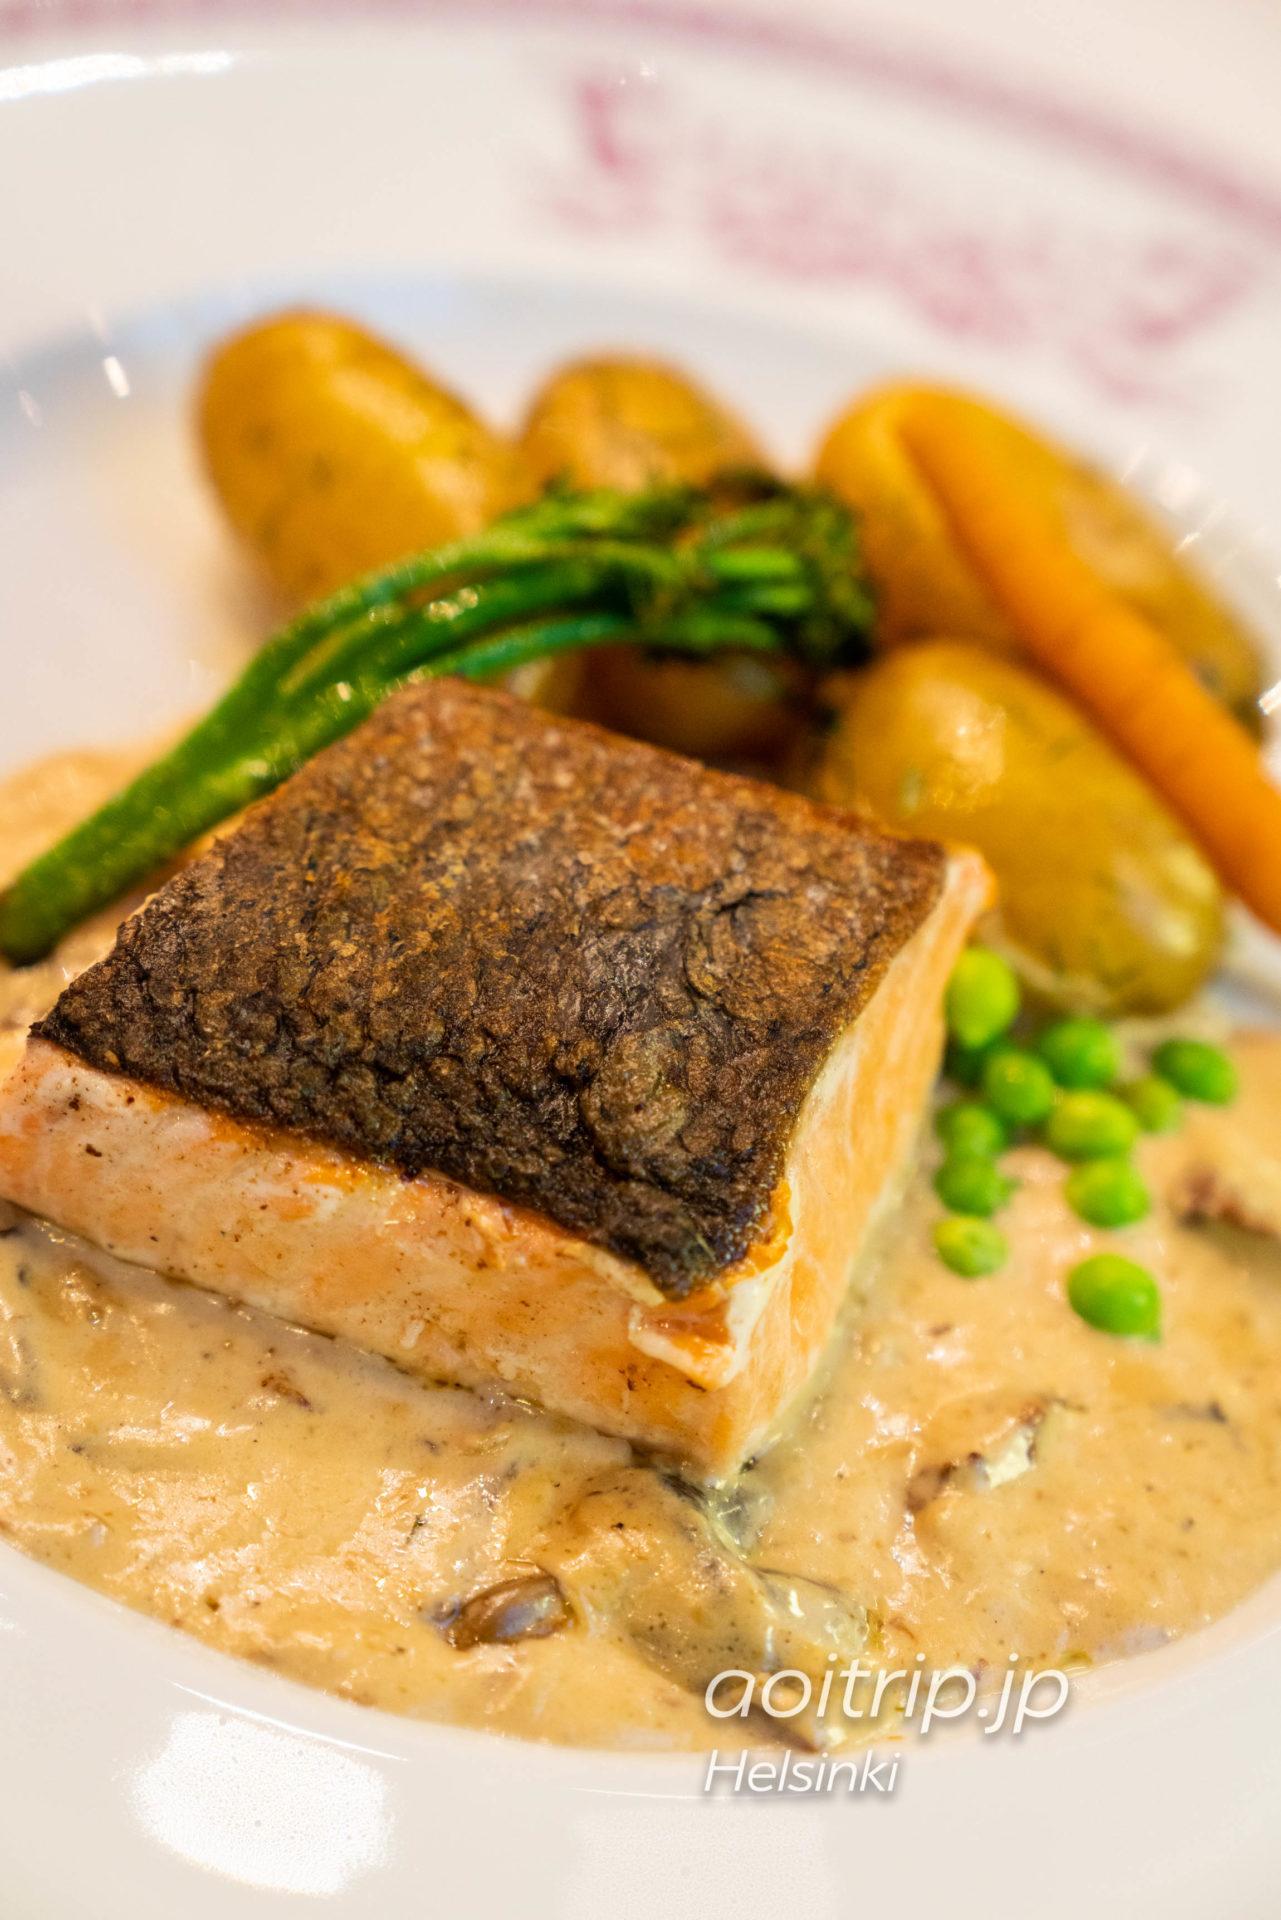 ヘルシンキのレストラン「Kappeli」のSmoked Atlantic salmon and creamed wild mushrroom